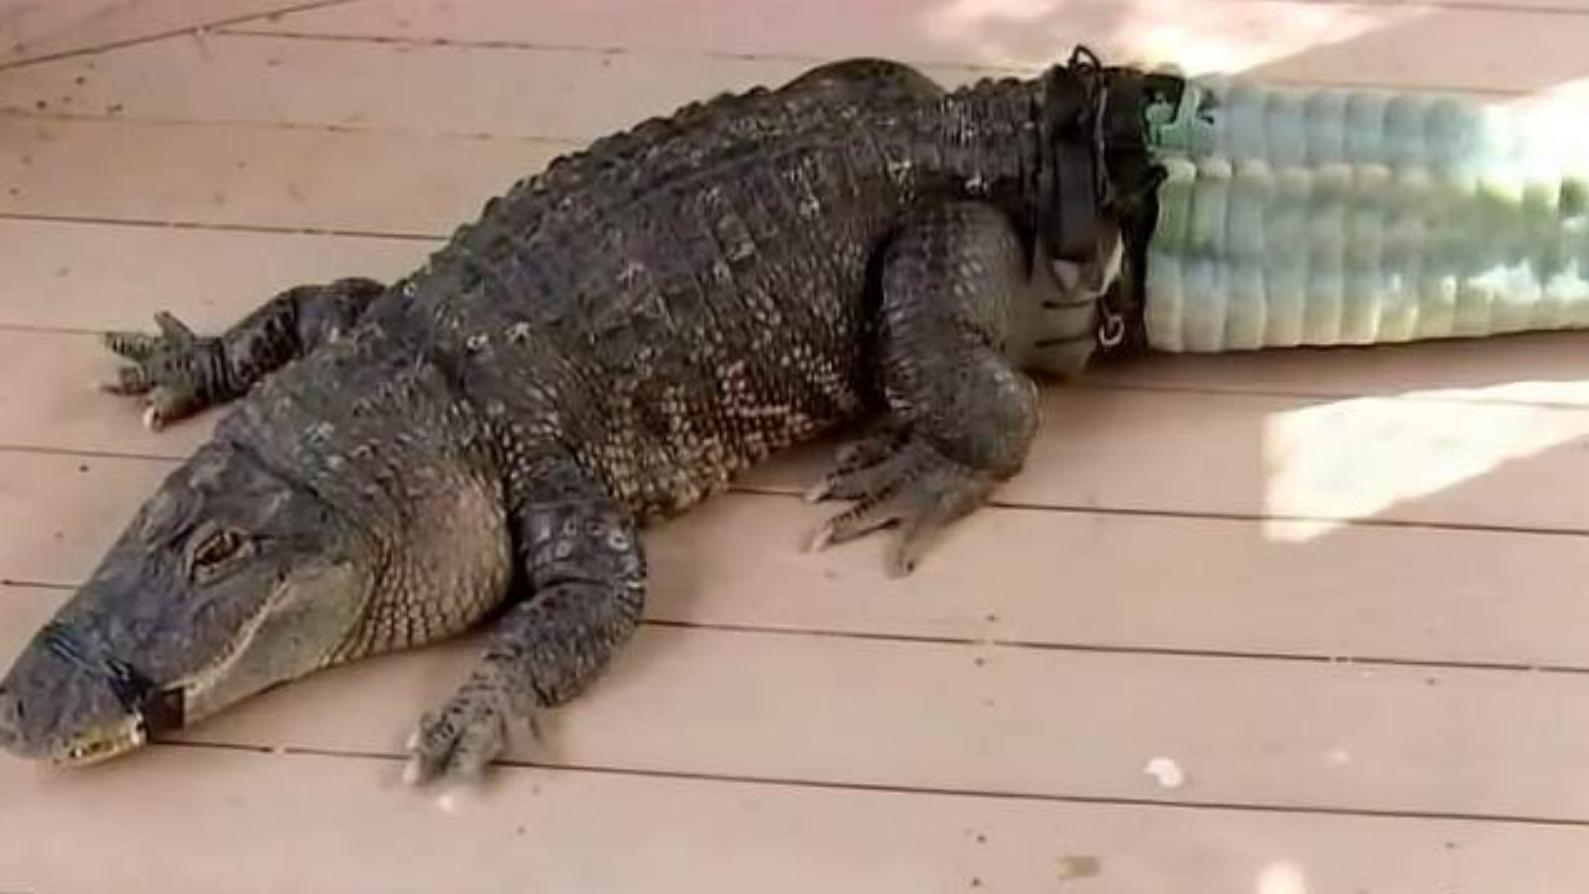 连鳄鱼都在它们食谱上,号称水中之狼的水獭到底有多强!